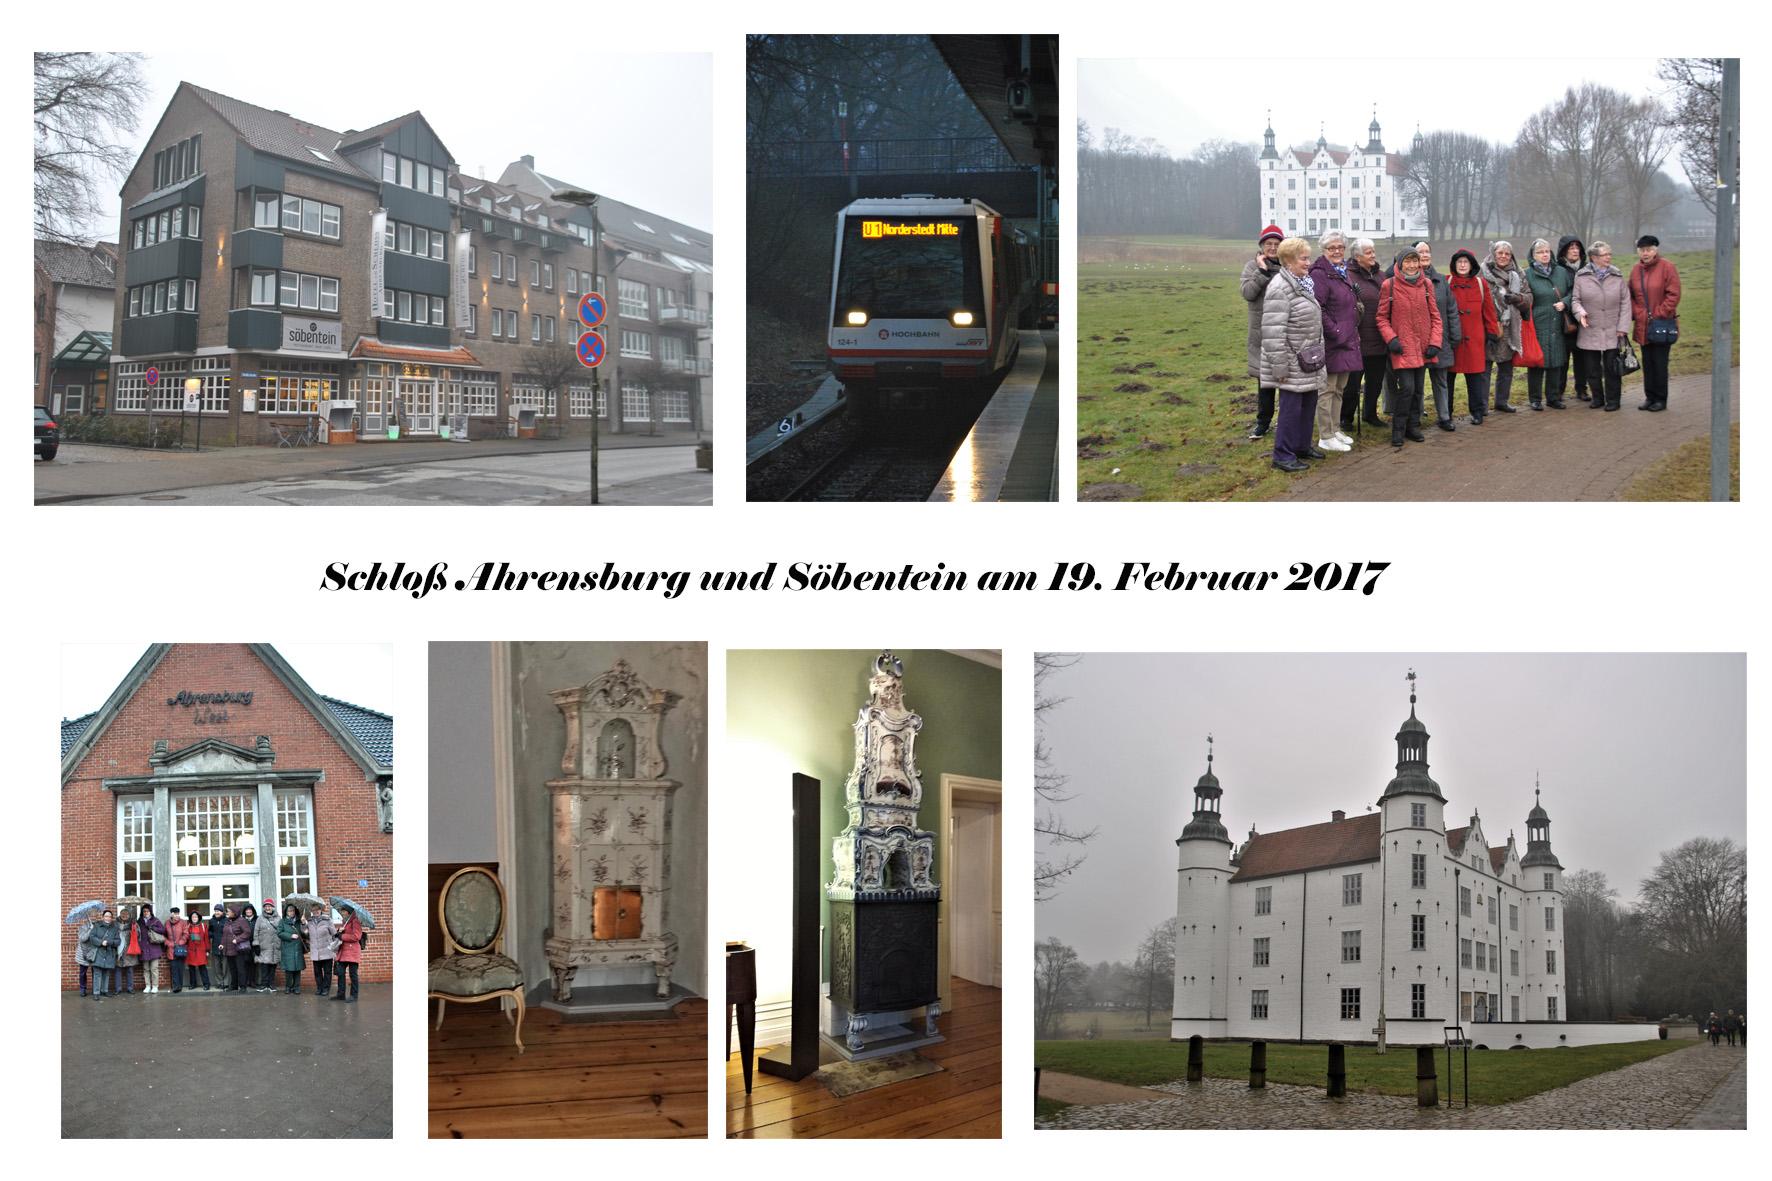 NeNo/Glashütte 2: Schloss Ahrensburg und Söbentein, 19.02.2017 (Fotos: Tom)